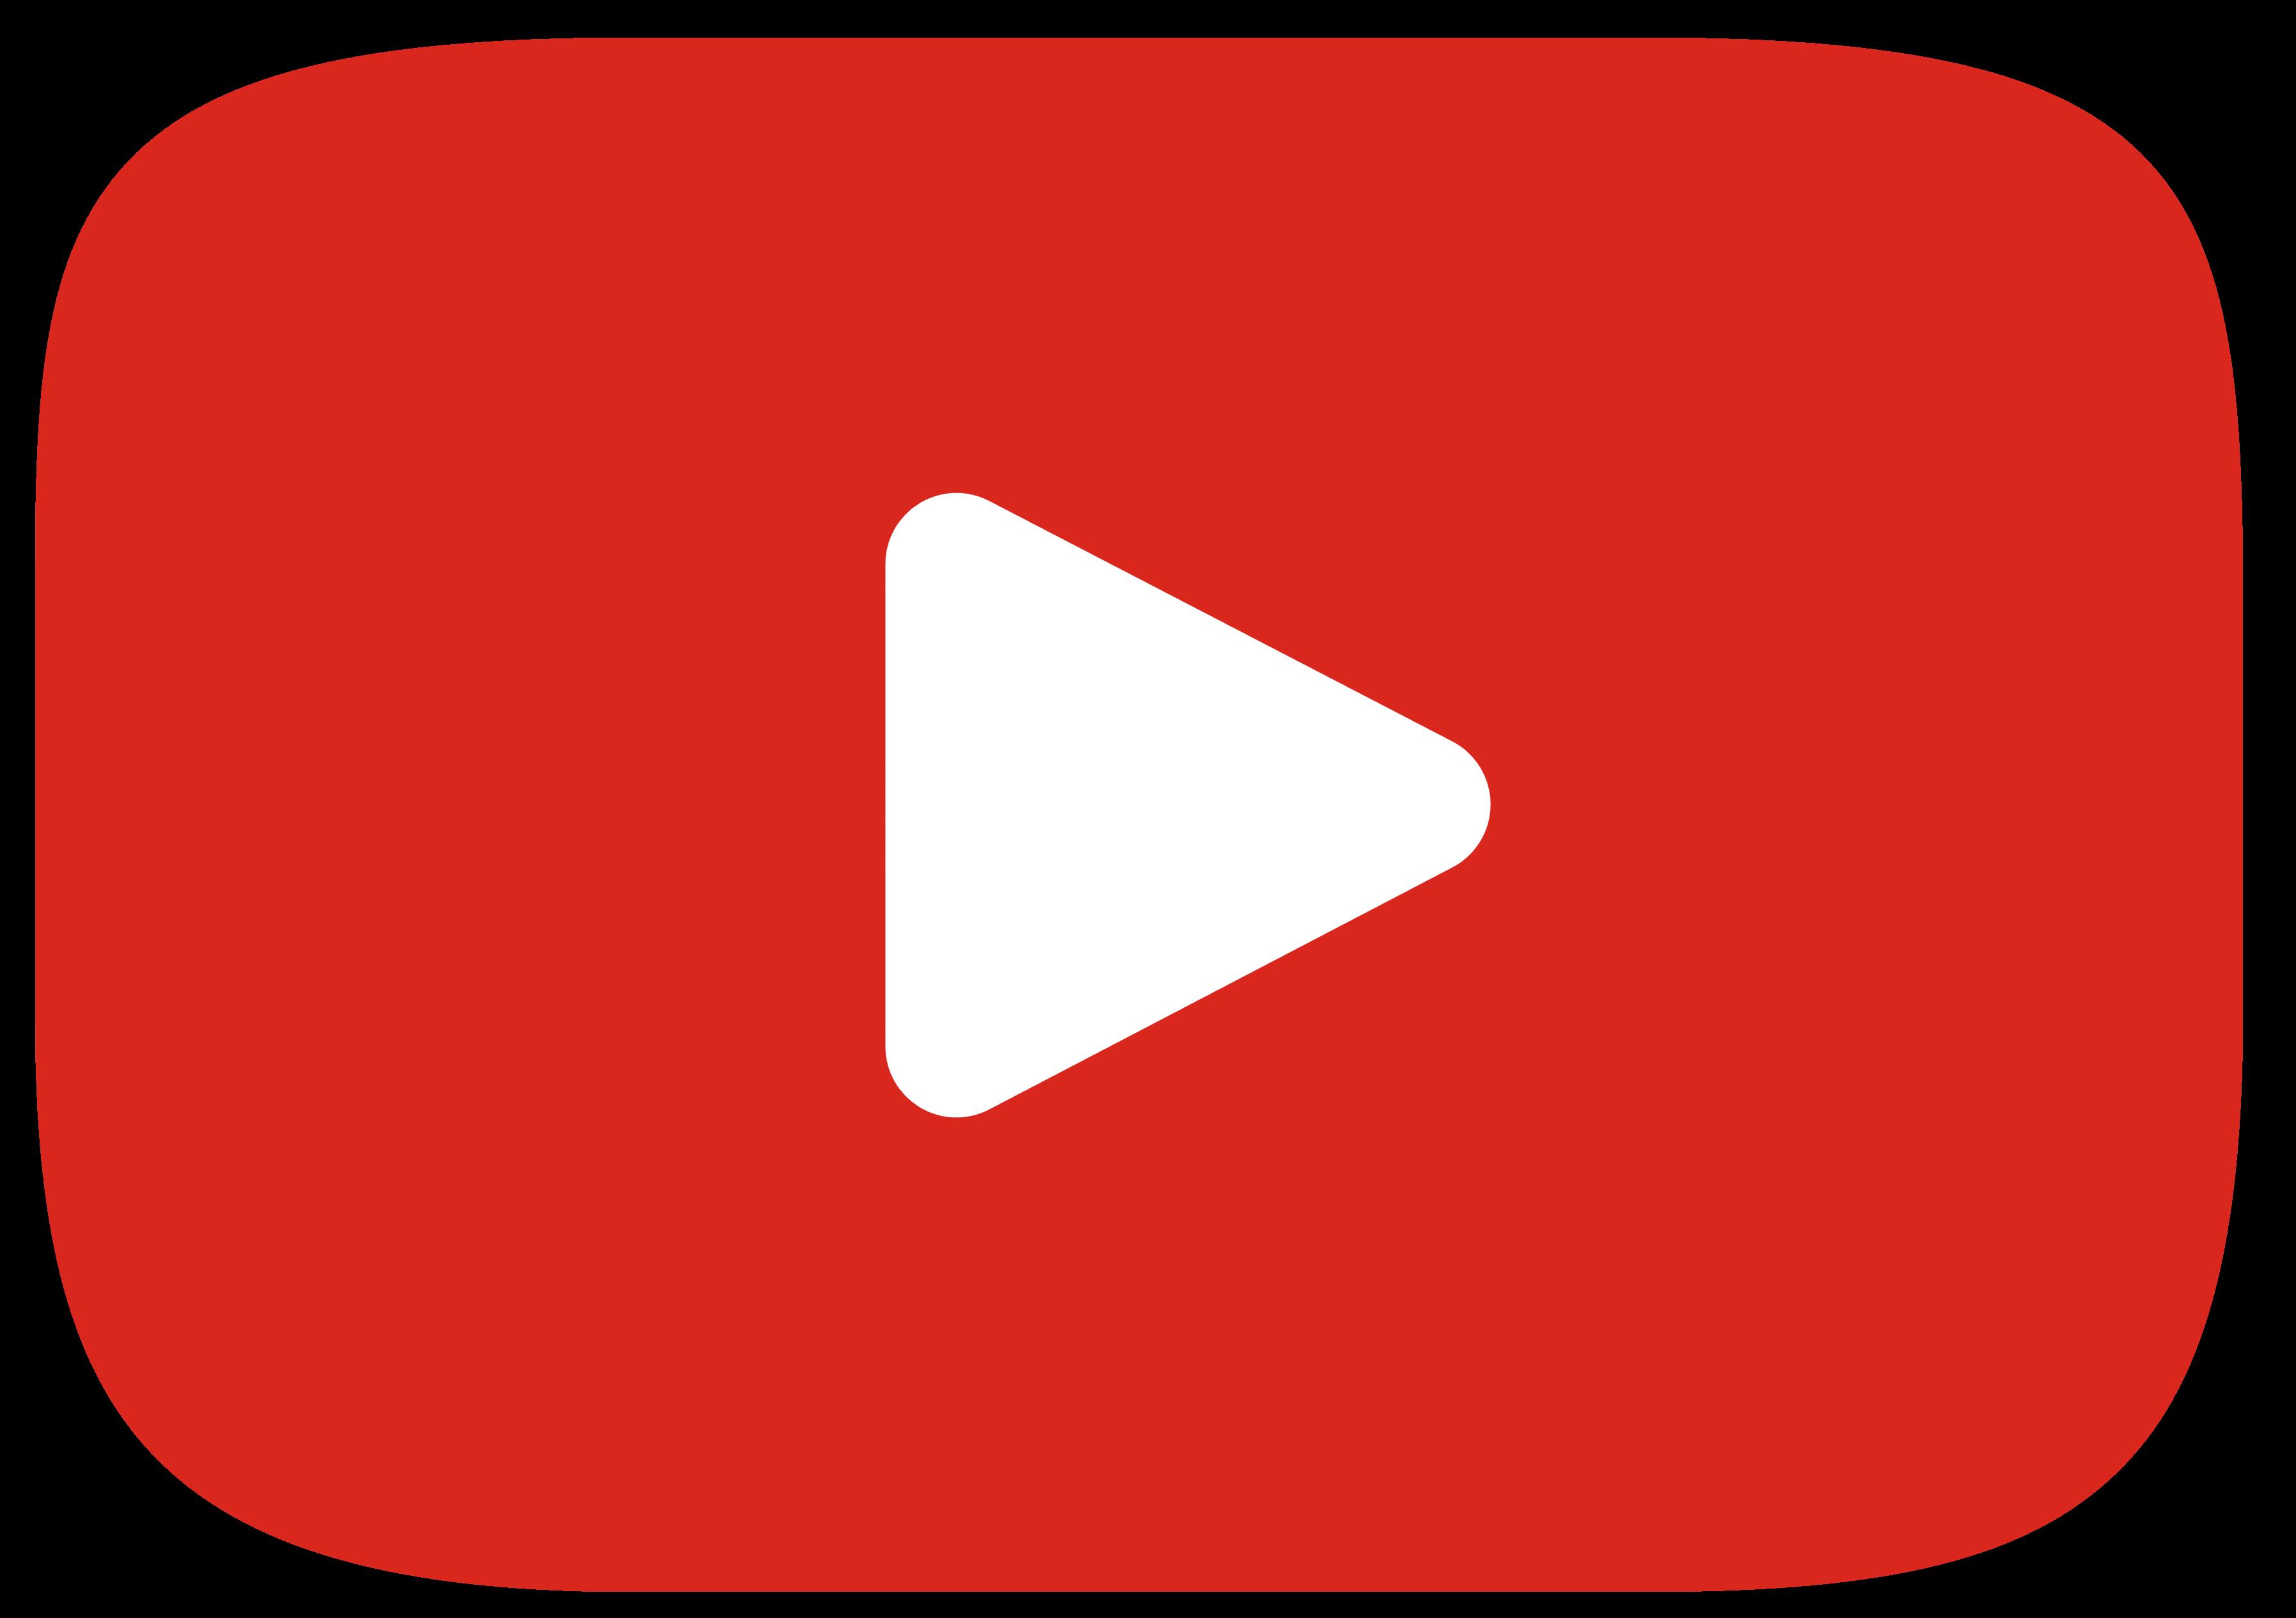 кнопка ютуб что такое кс го смотреть видео